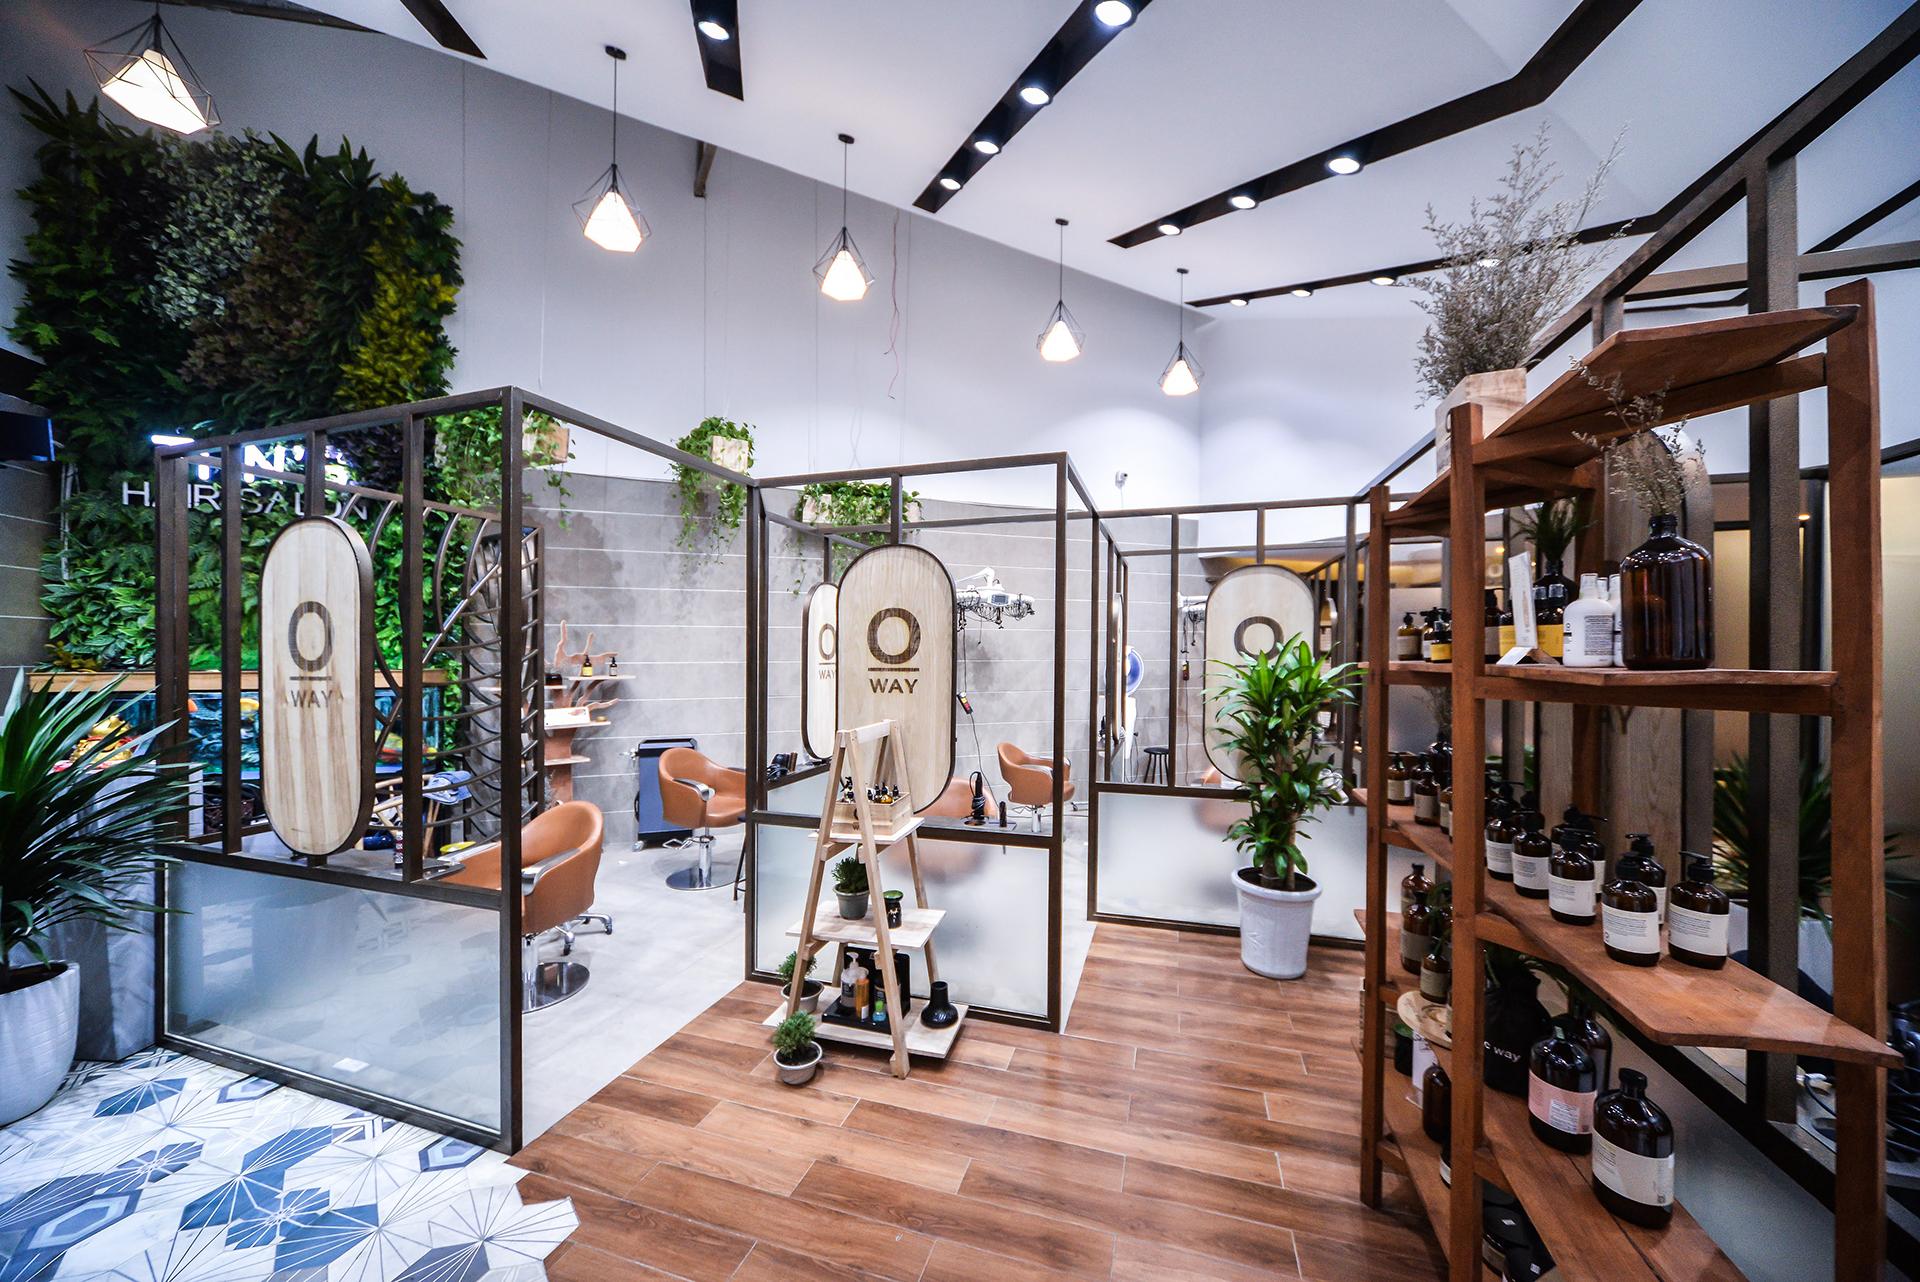 thiết kế nội thất Spa tại Nghệ An Thiết kế Tan's Hair Salon 6 1537501451